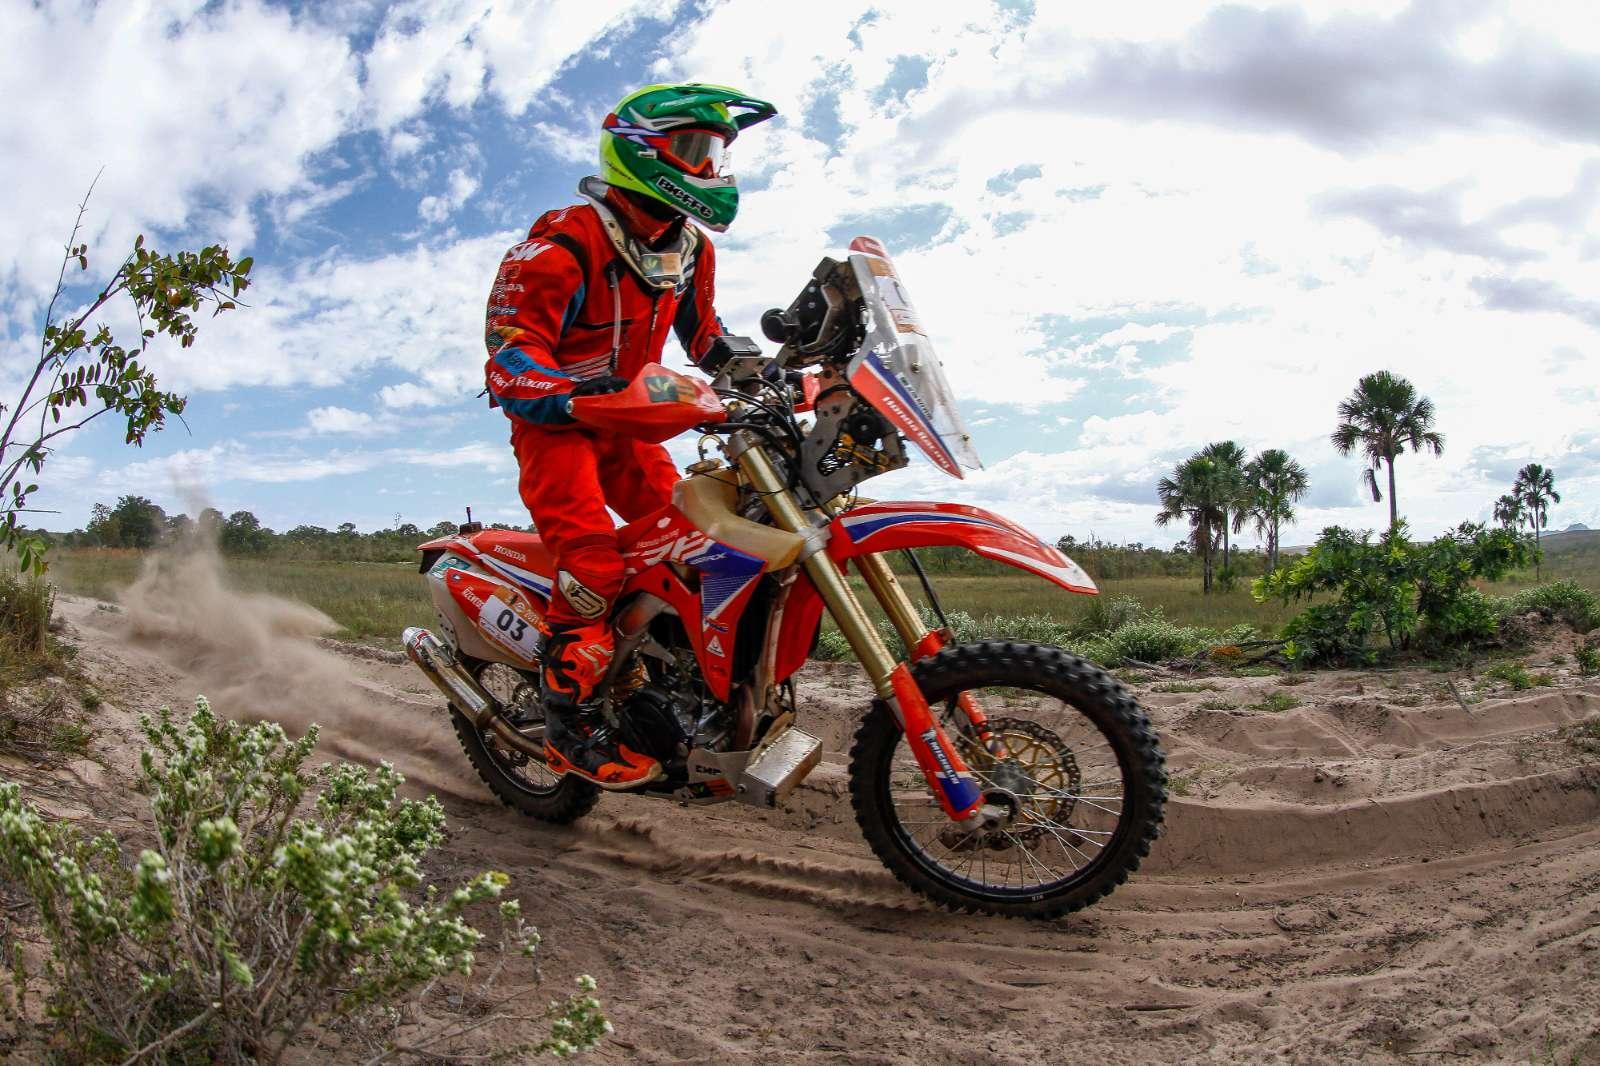 Equipe Honda Racing de Rally parte para a disputa da 29ª edição do Sertões